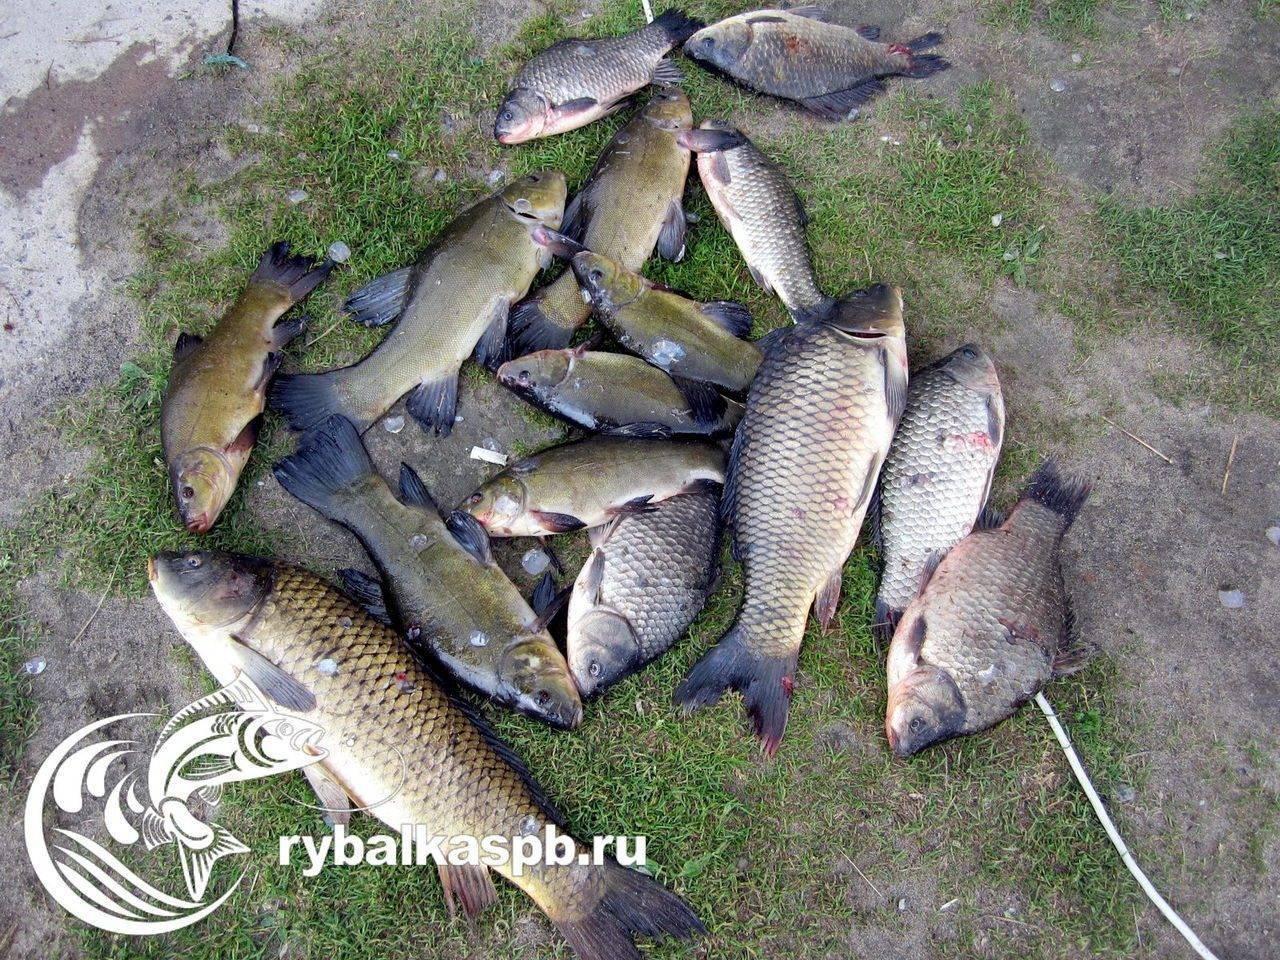 Раково платная рыбалка официальный сайт